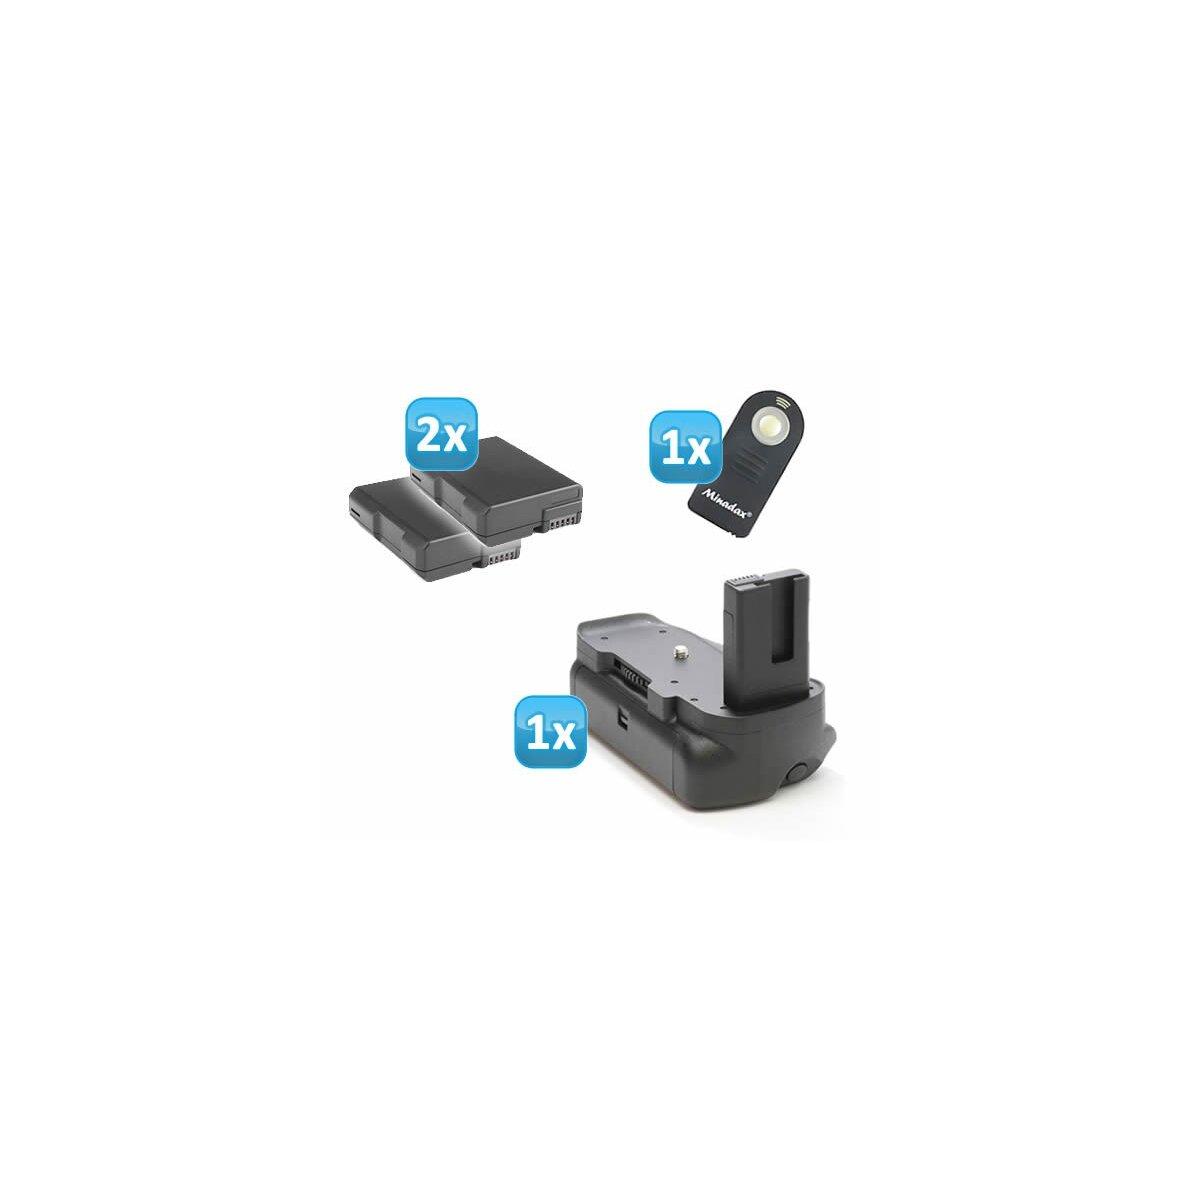 Minadax Profi Batteriegriff fuer Nikon D5300 - hochwertiger Handgriff mit Hochformatausloeser + 2x EN-EL14 Nachbau-Akkus + 1x Infrarot Fernbedienung!